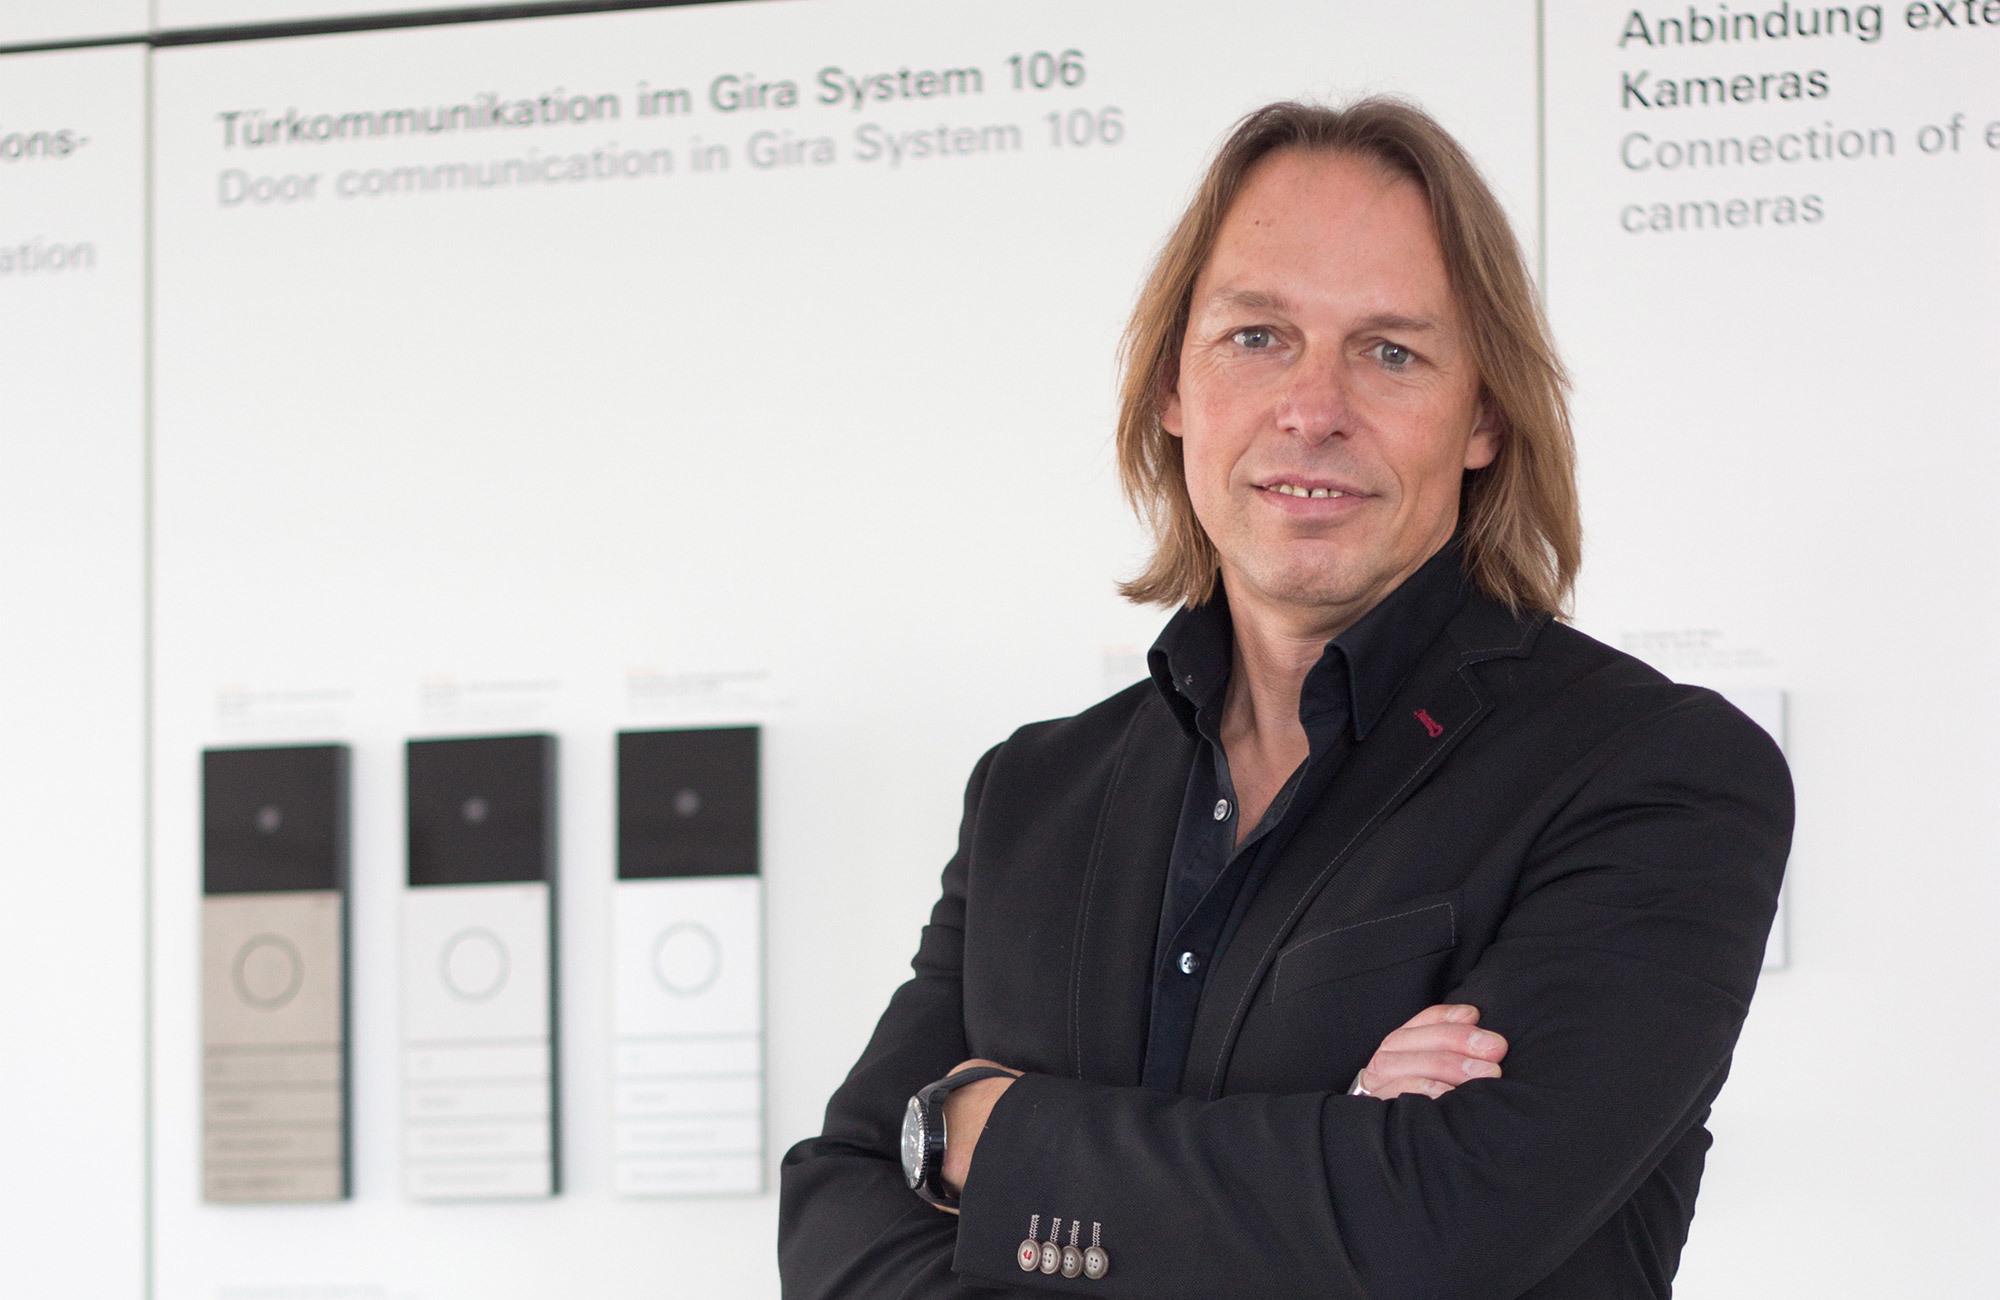 Ein Rückblick auf 20 Jahre smartes Home mit Hans-Jörg Müller, Leiter Produkt und Design bei Gira.